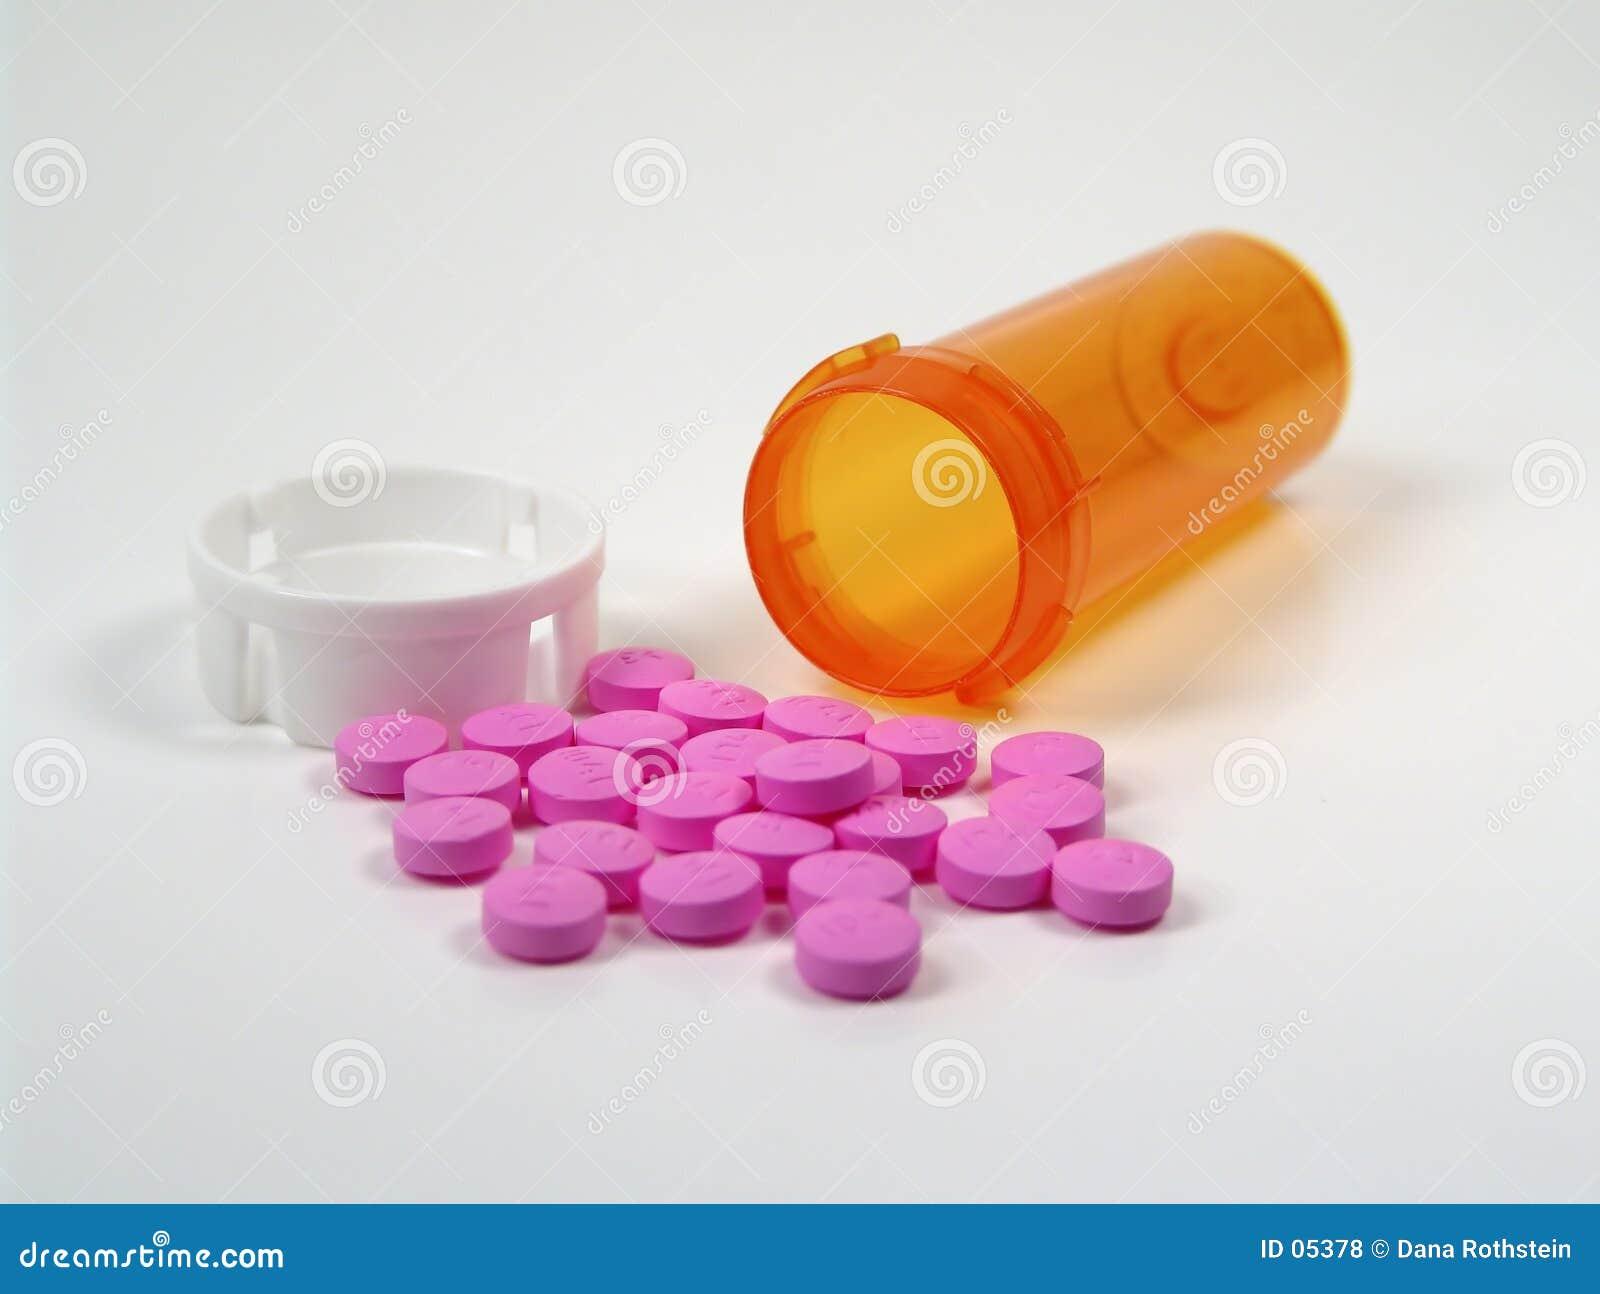 Verschüttete Pillen